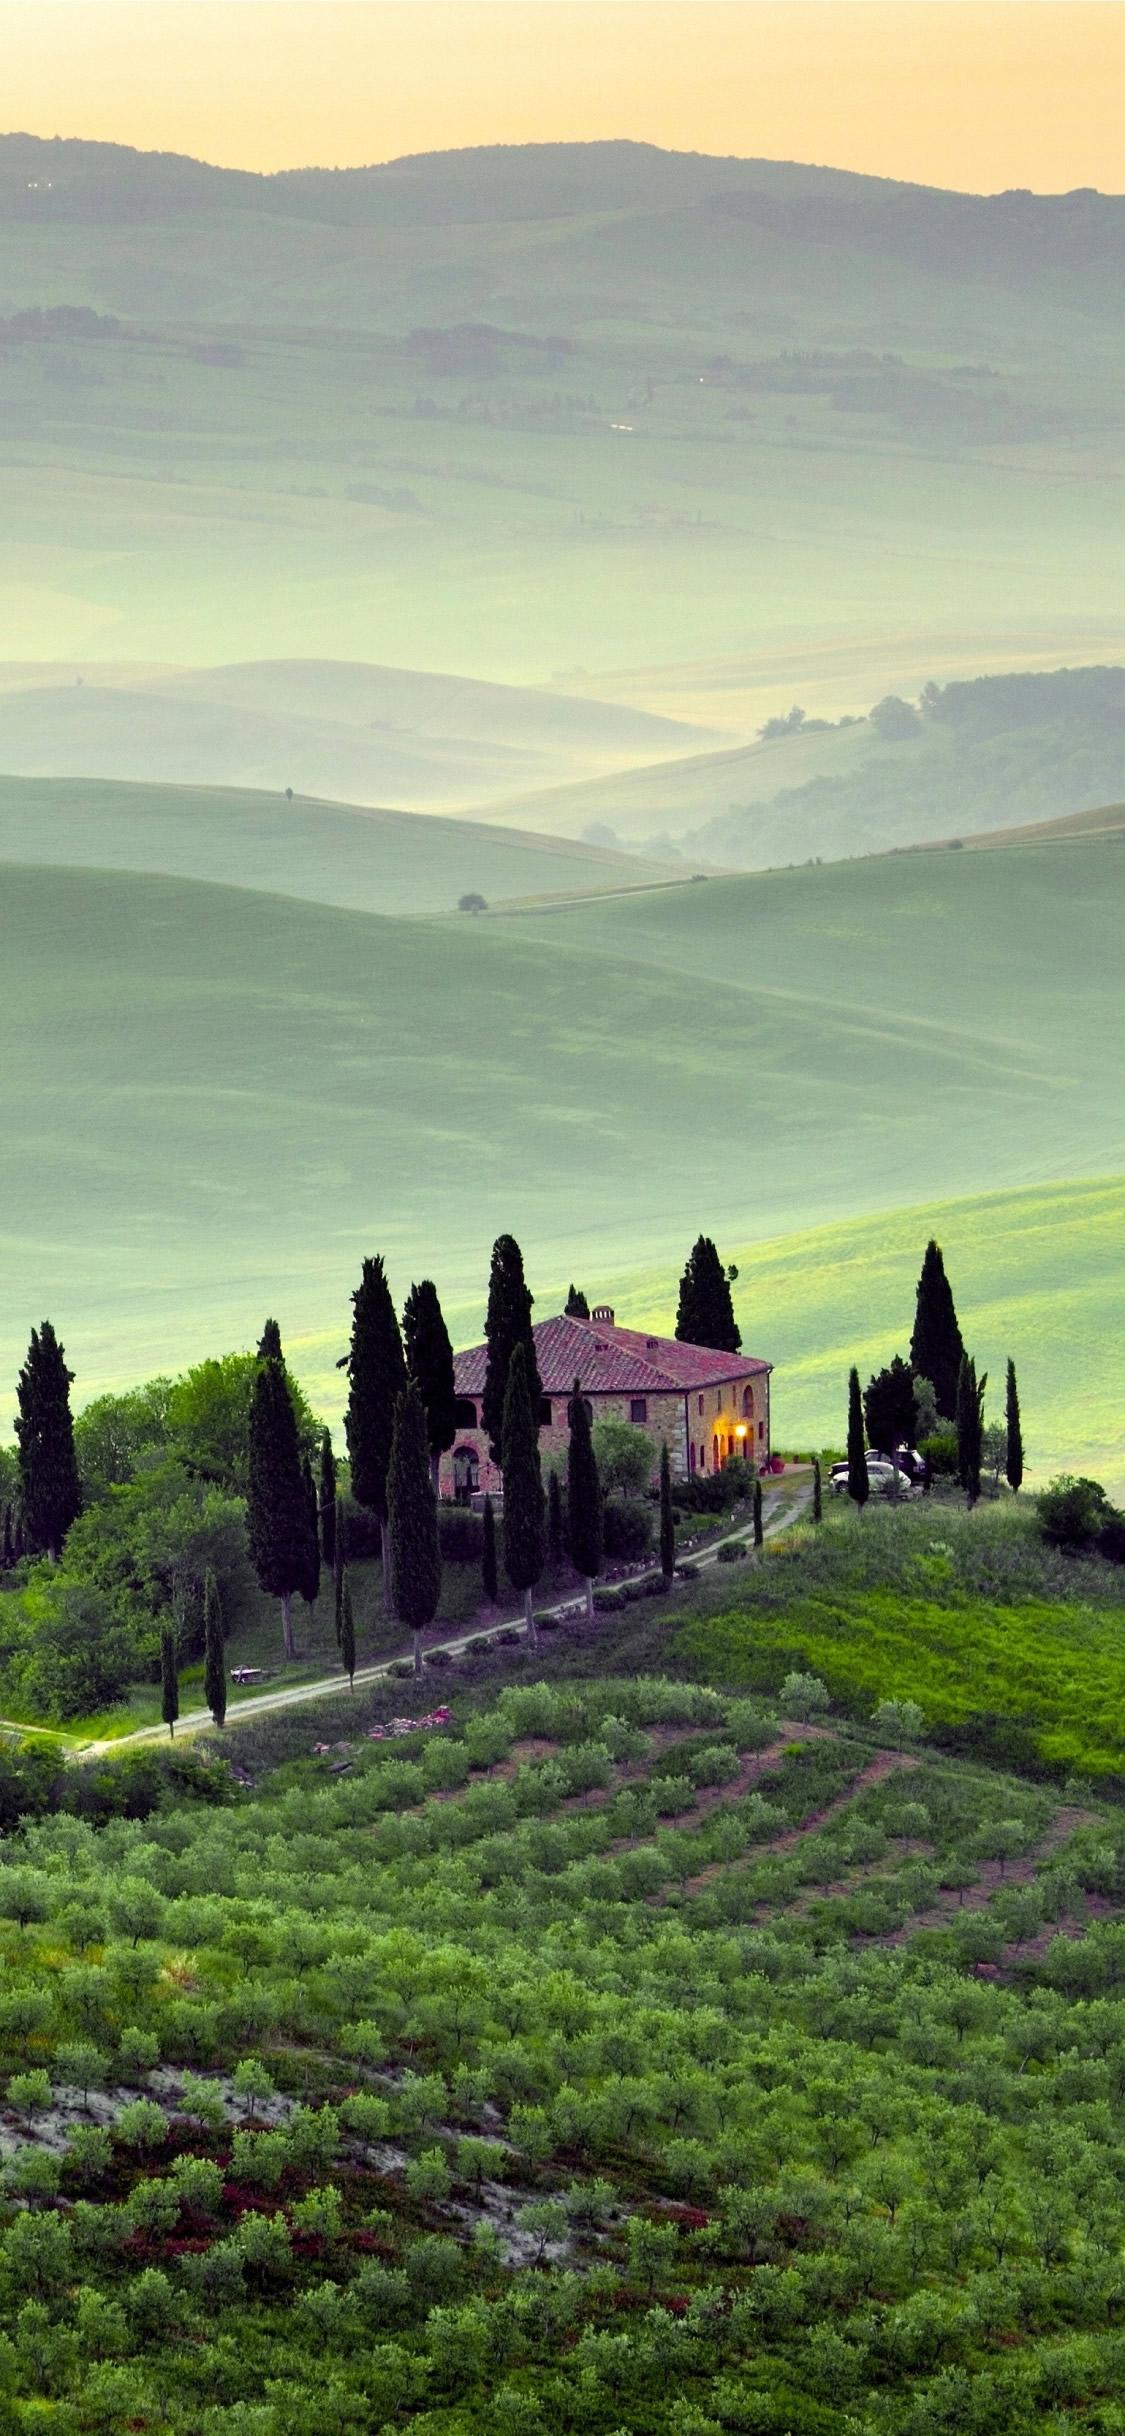 イタリア、トスカーナの丘の邸宅のスマホ壁紙